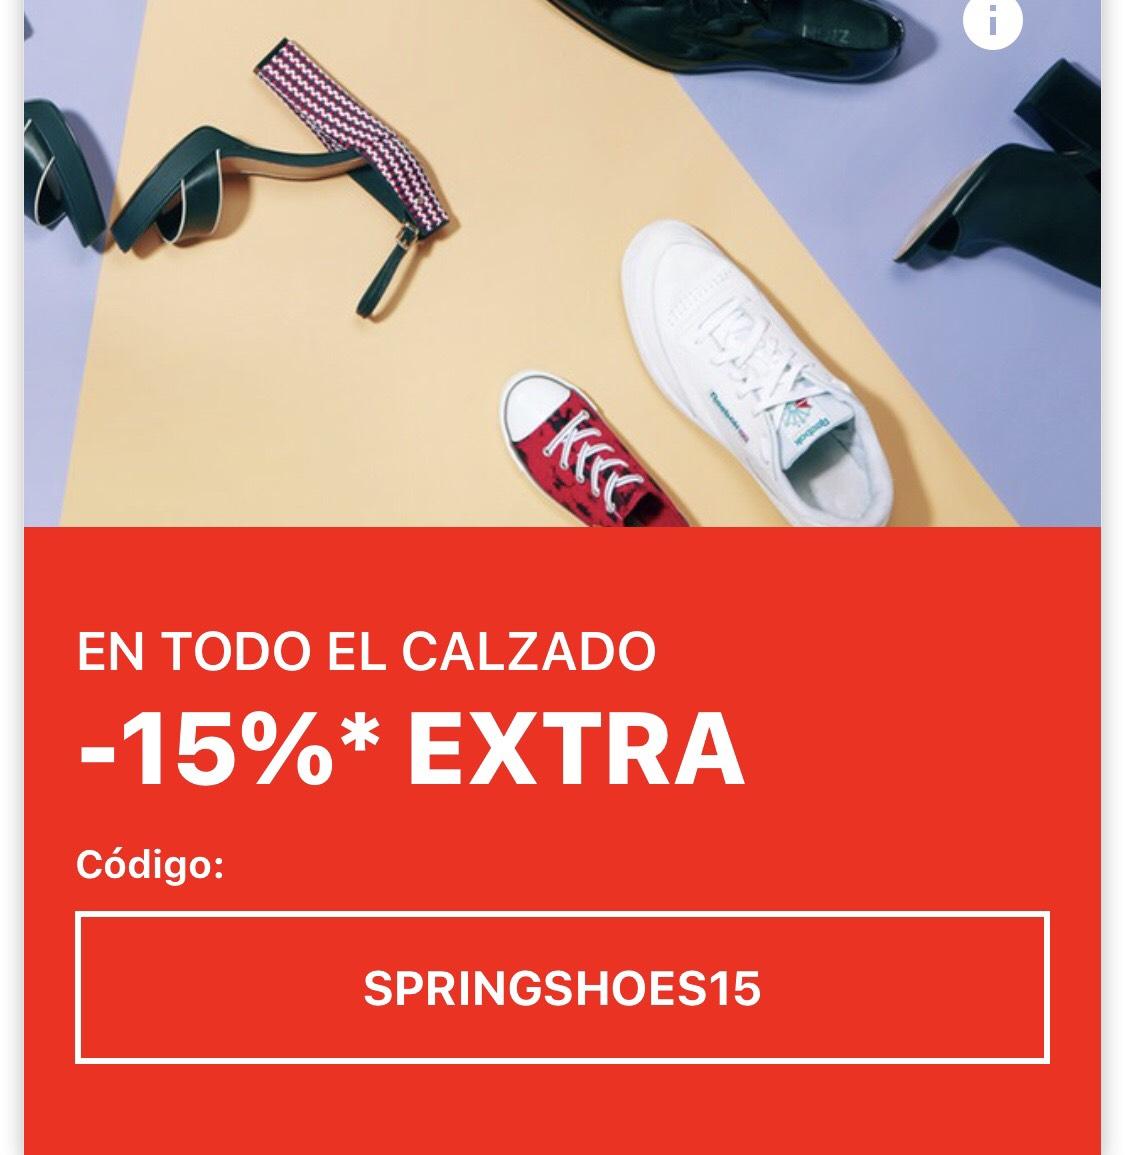 Todas las zapatillas con un descuento de 15%